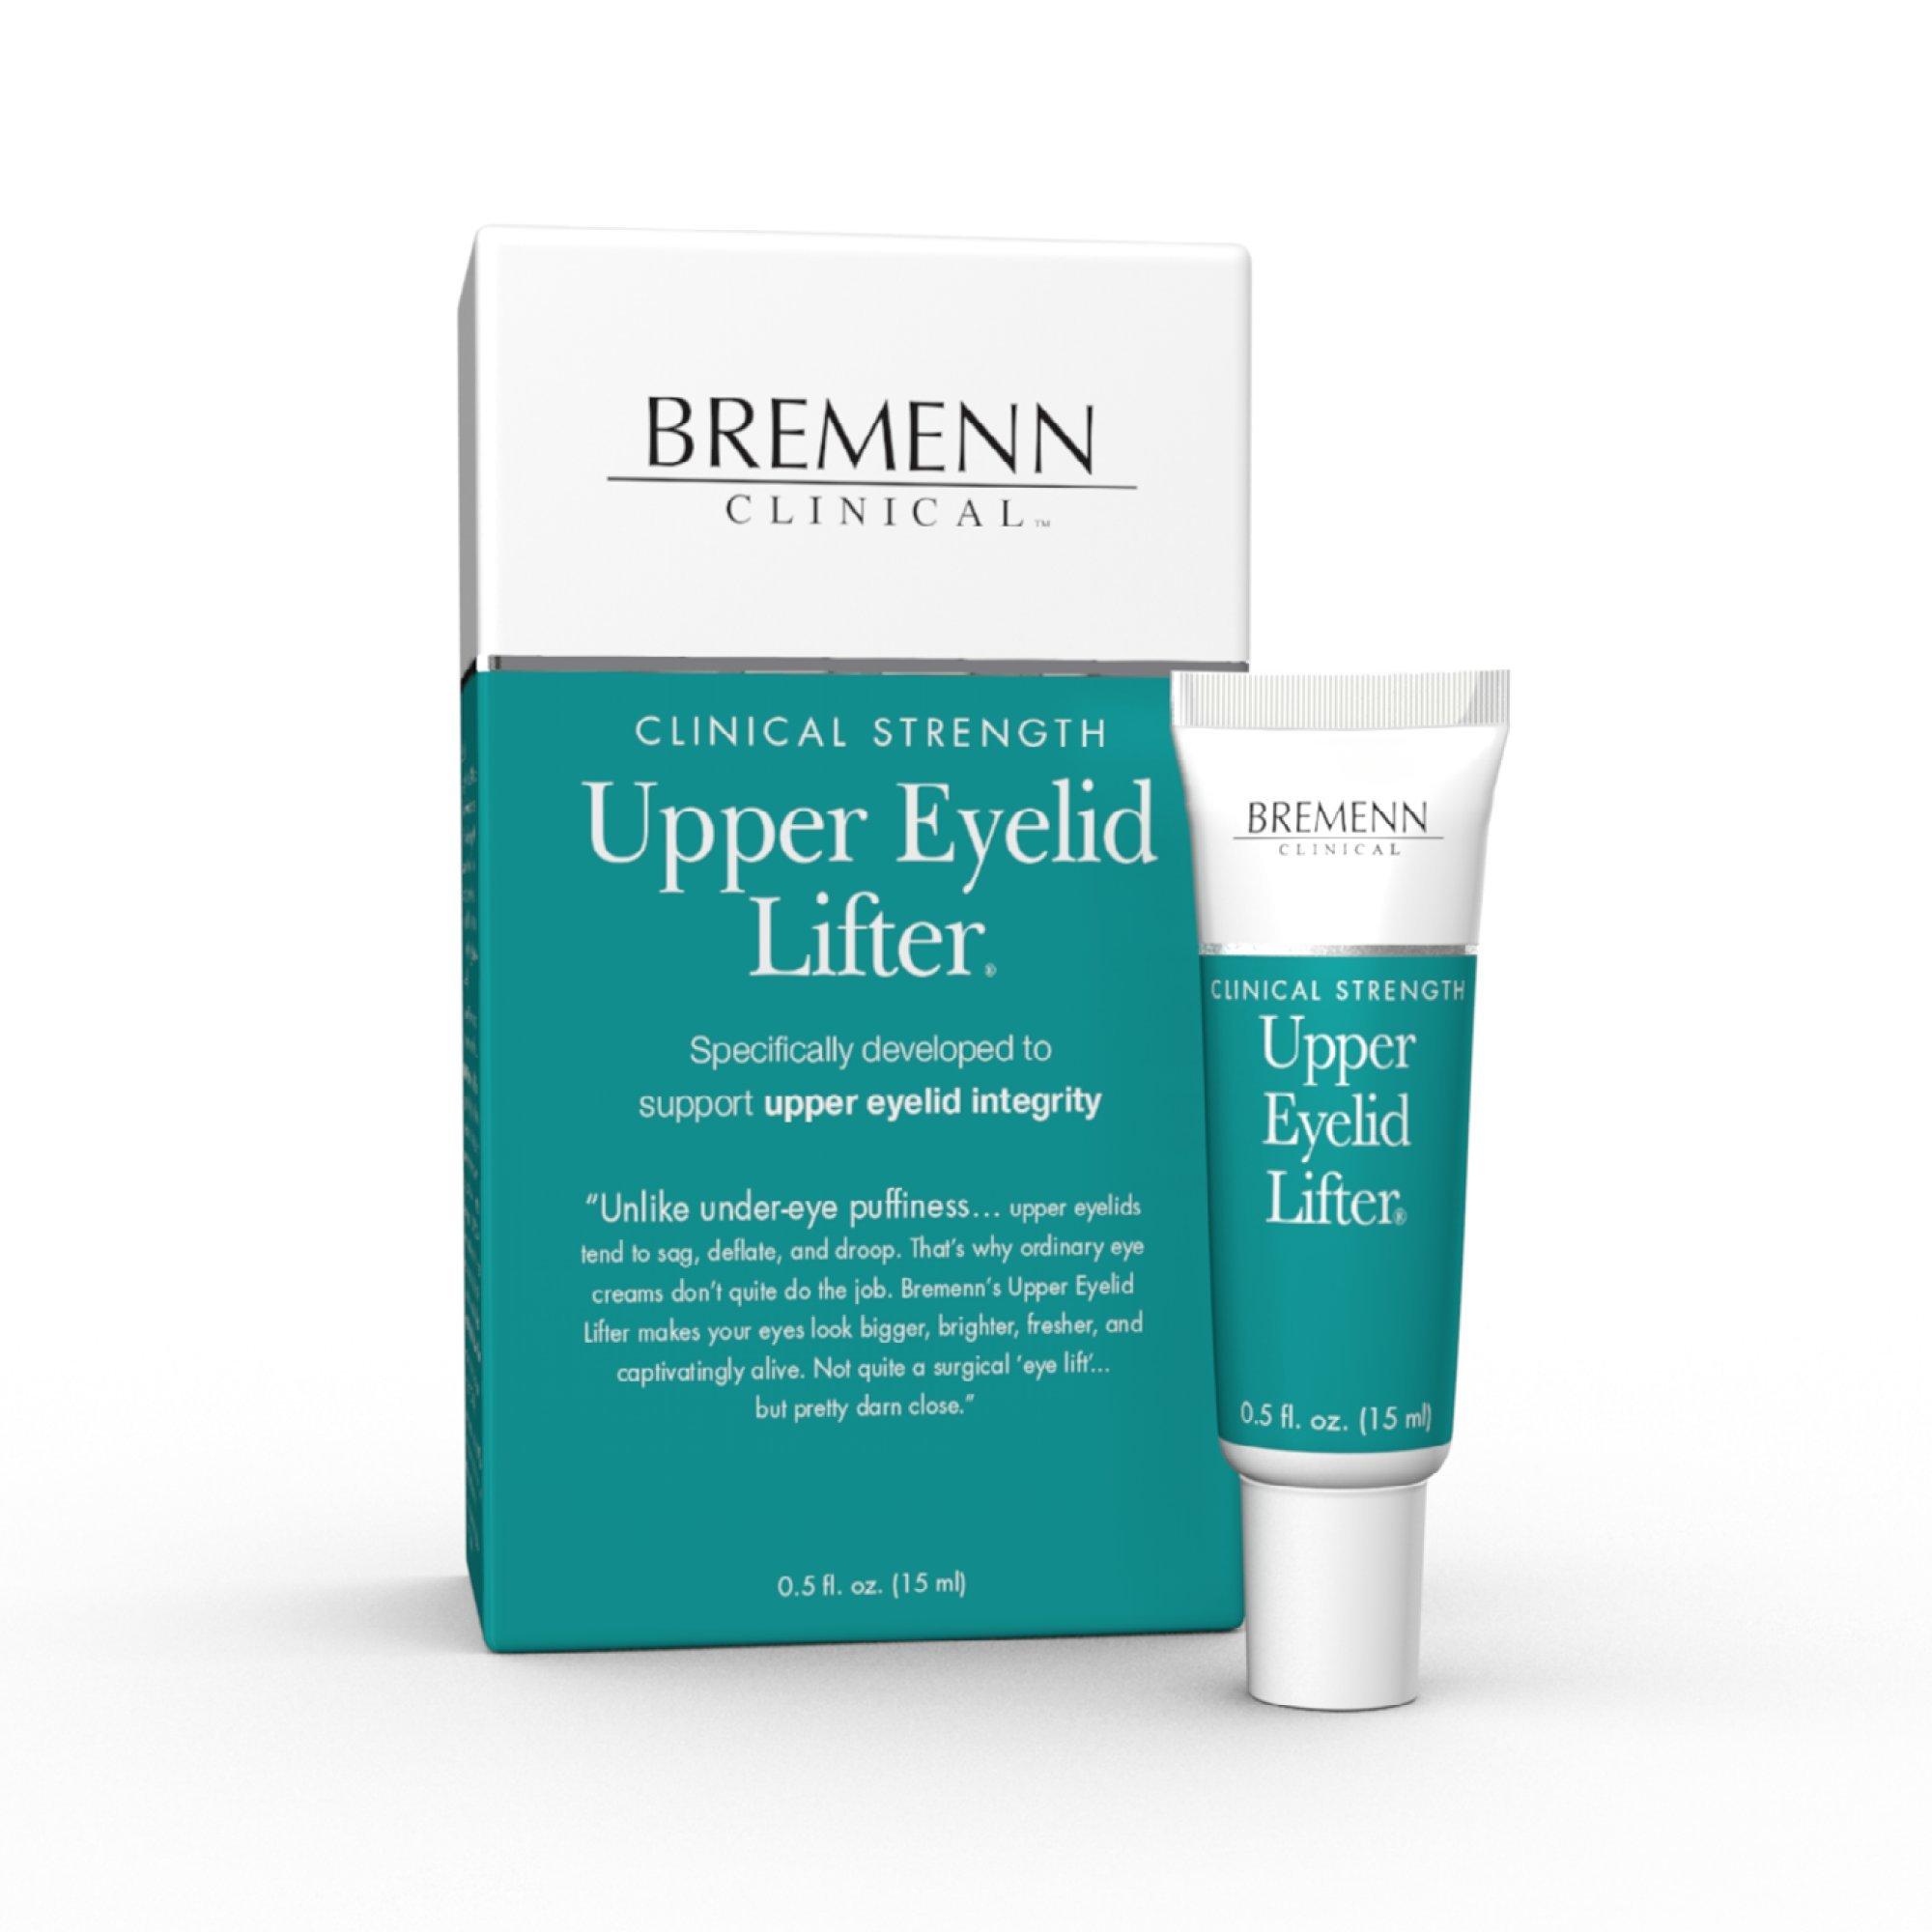 Bremenn Clinical Upper Eyelid Lifter .5 oz/15 ml